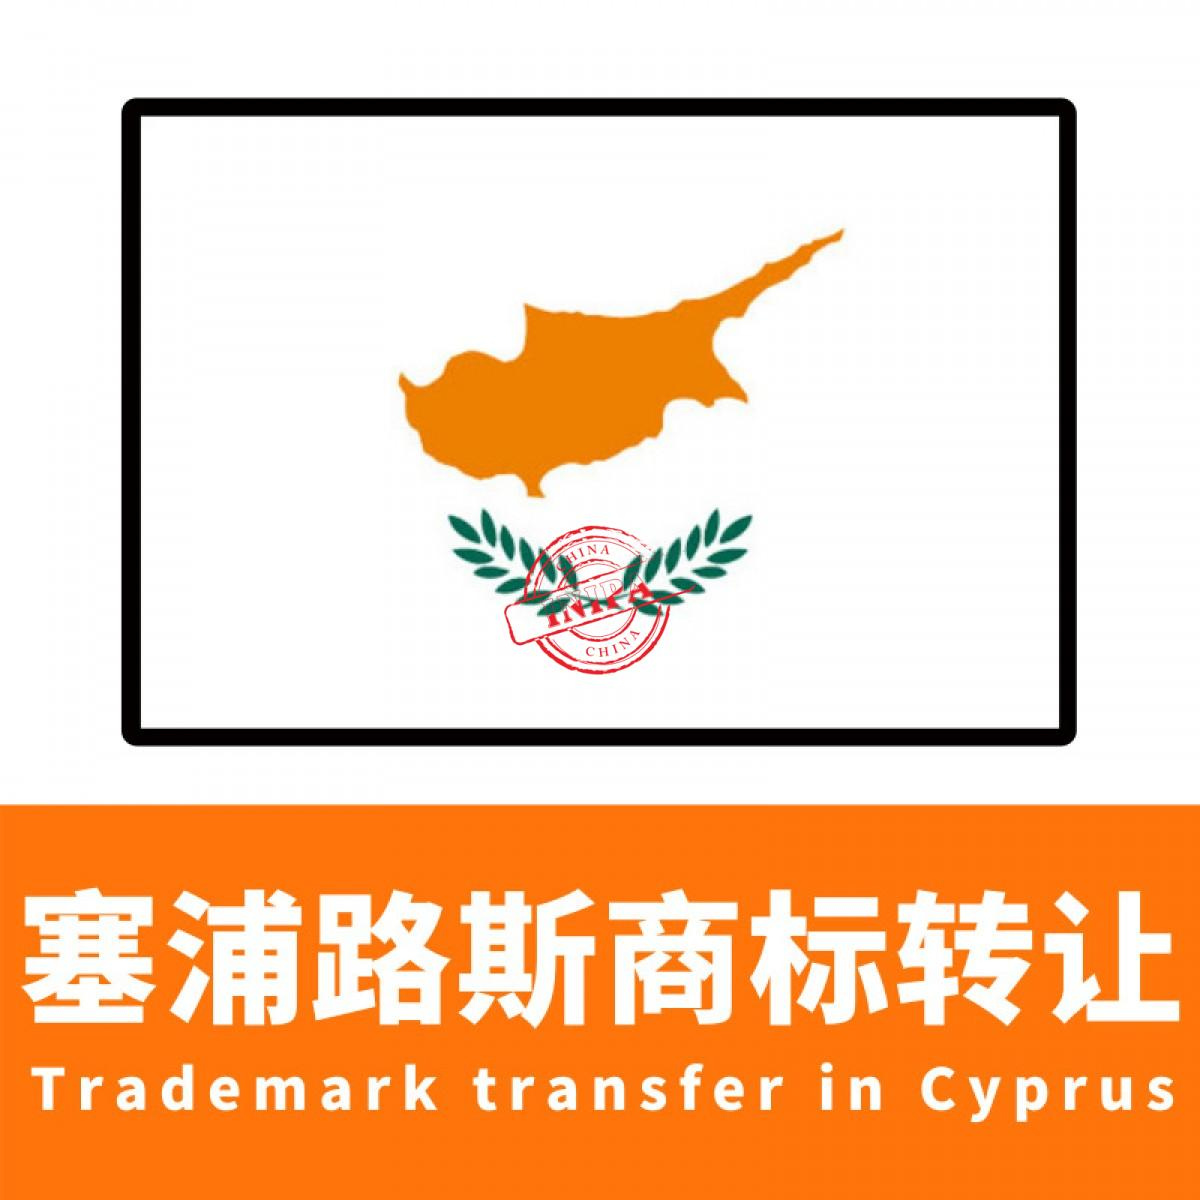 塞浦路斯商标转让/Trademark transfer in Cyprus